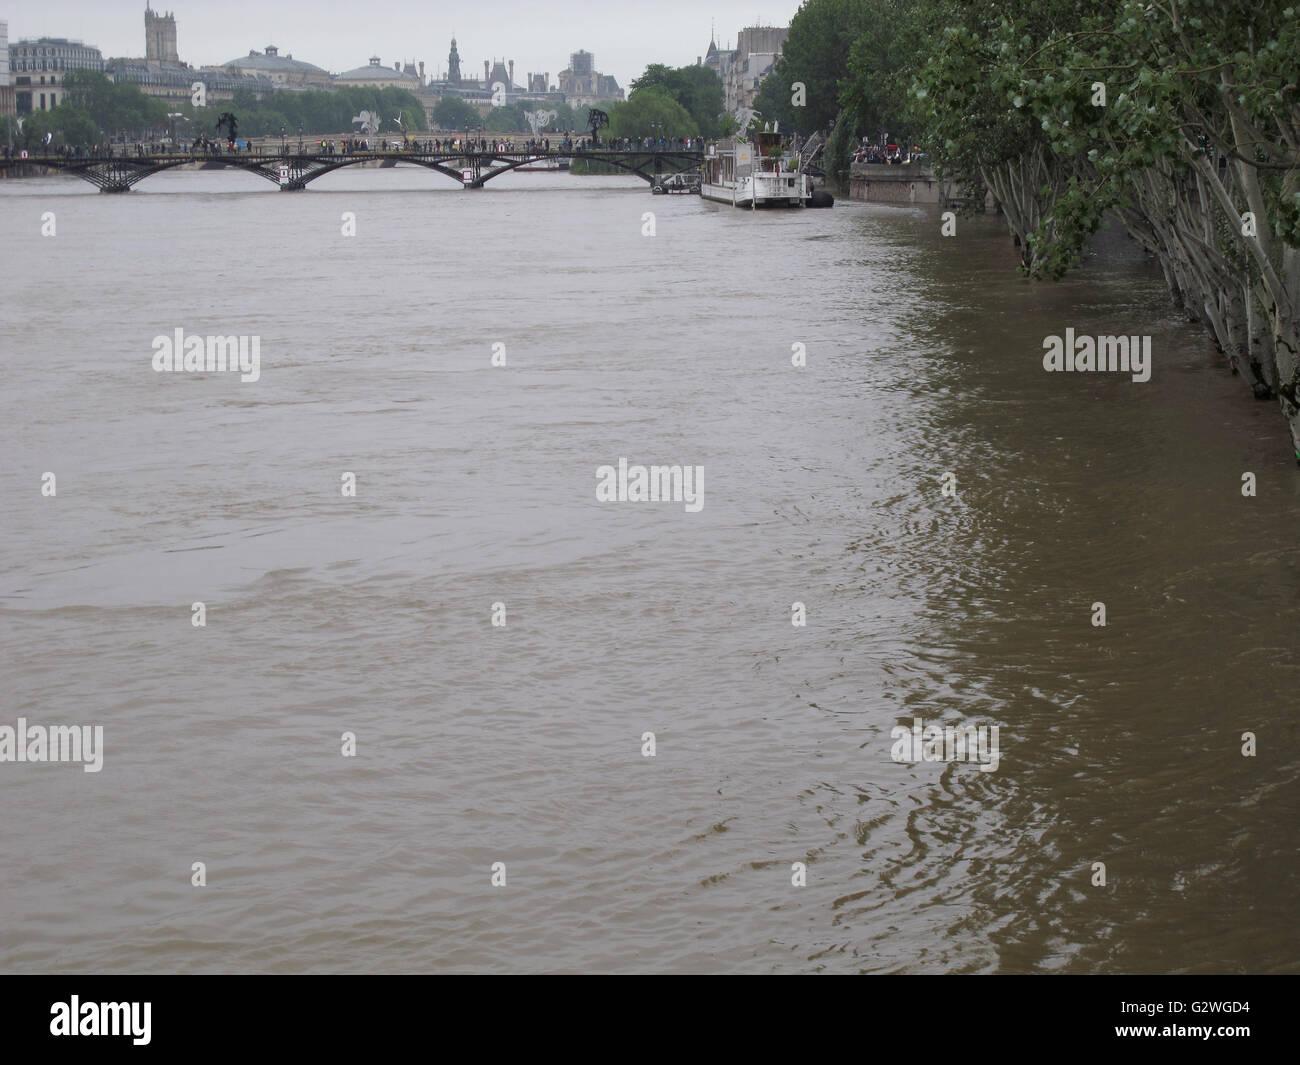 Pont des Arts, flood of the Seine river, June 3, 2016, Paris, France - Stock Image